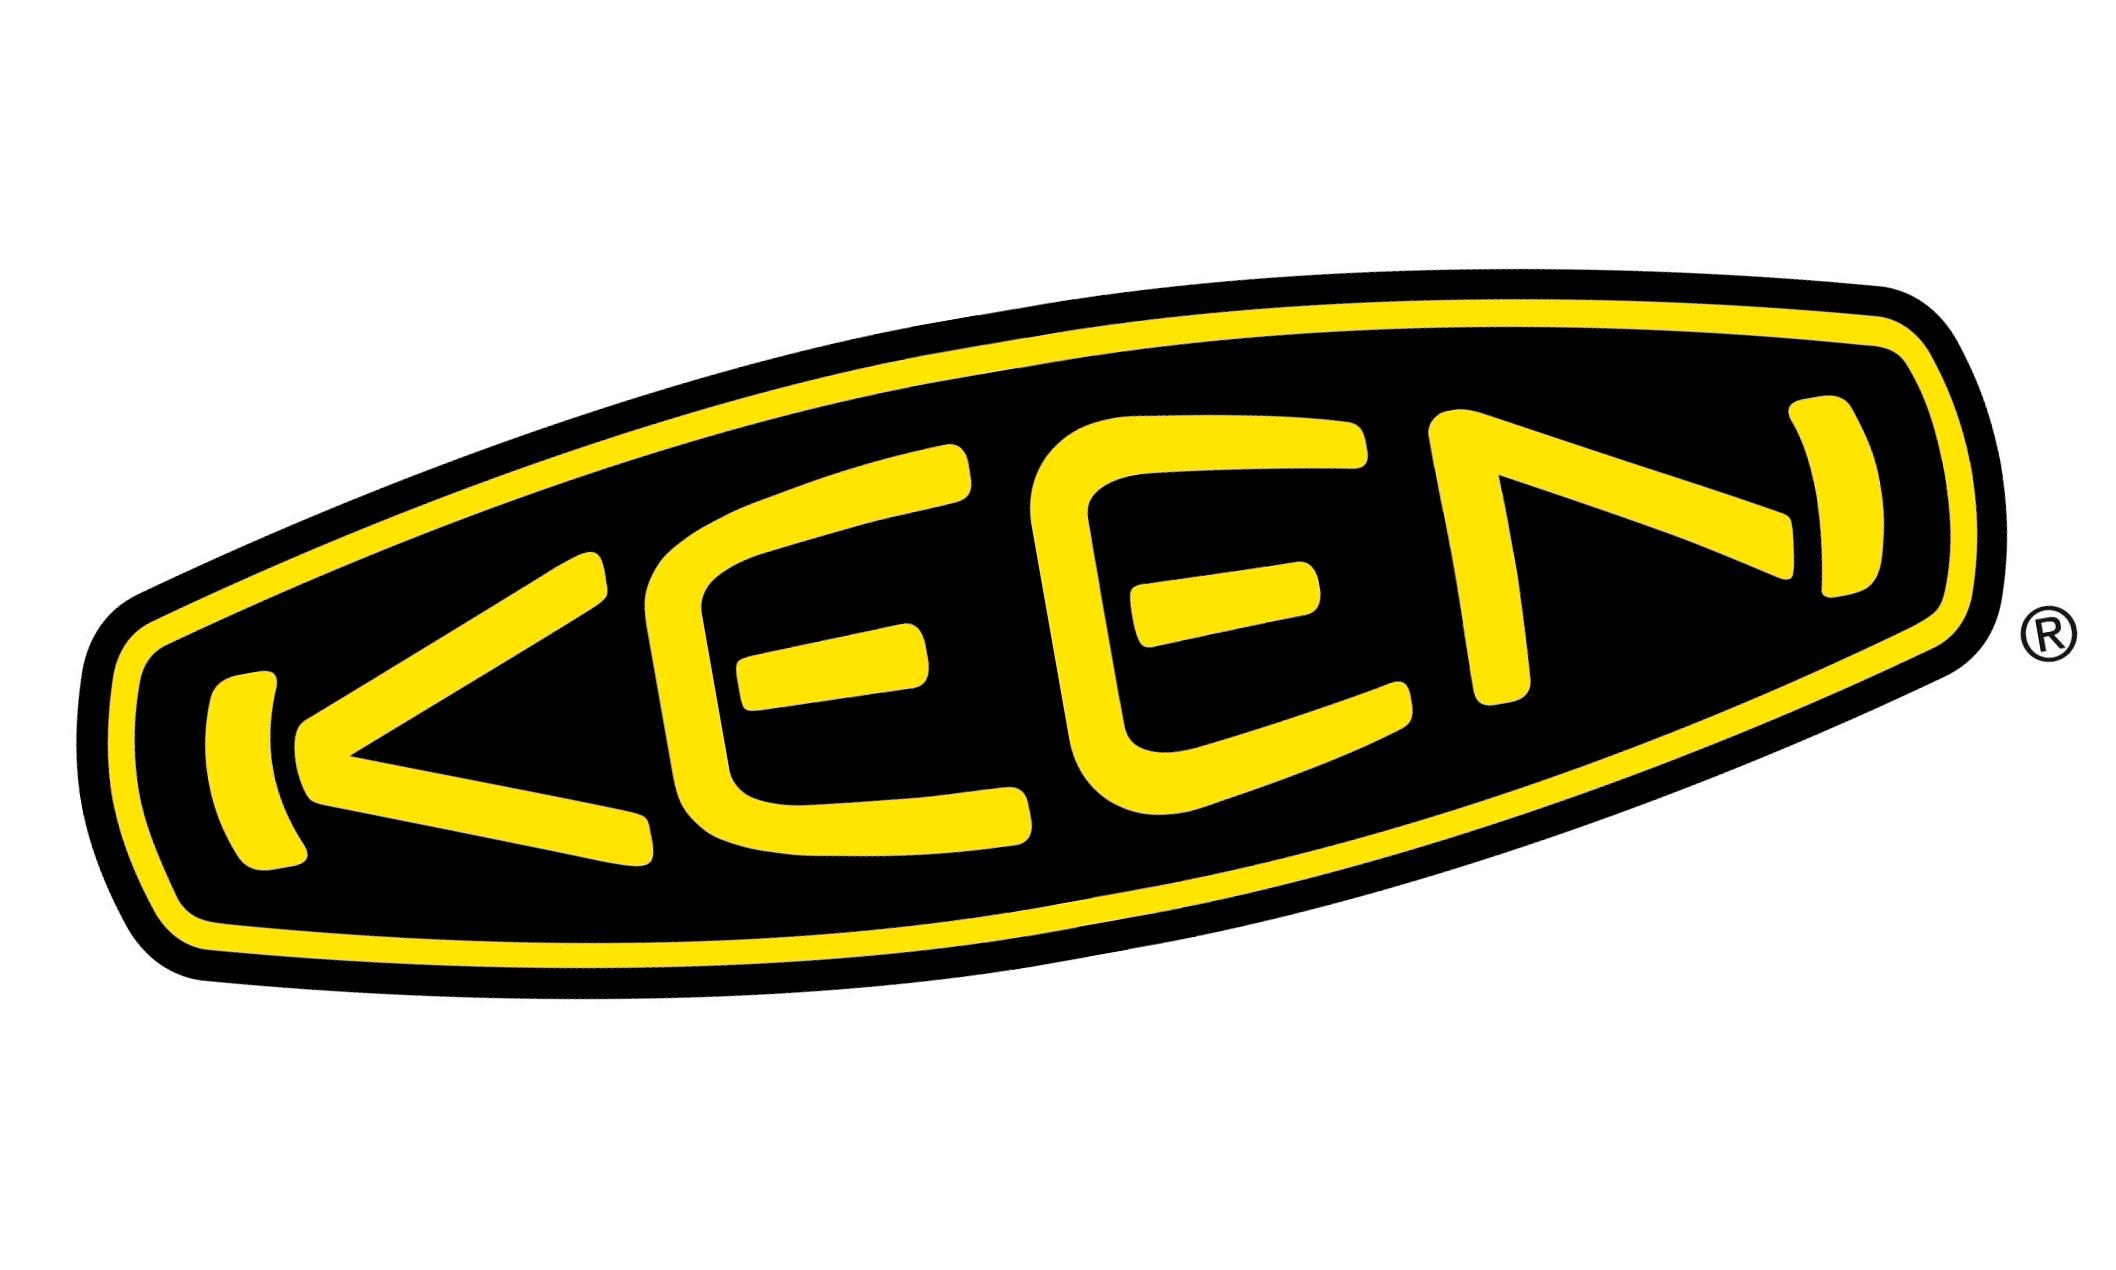 户外鞋履品牌 KEEN 将向受冠状病毒影响的人群免费提供 10 万双鞋